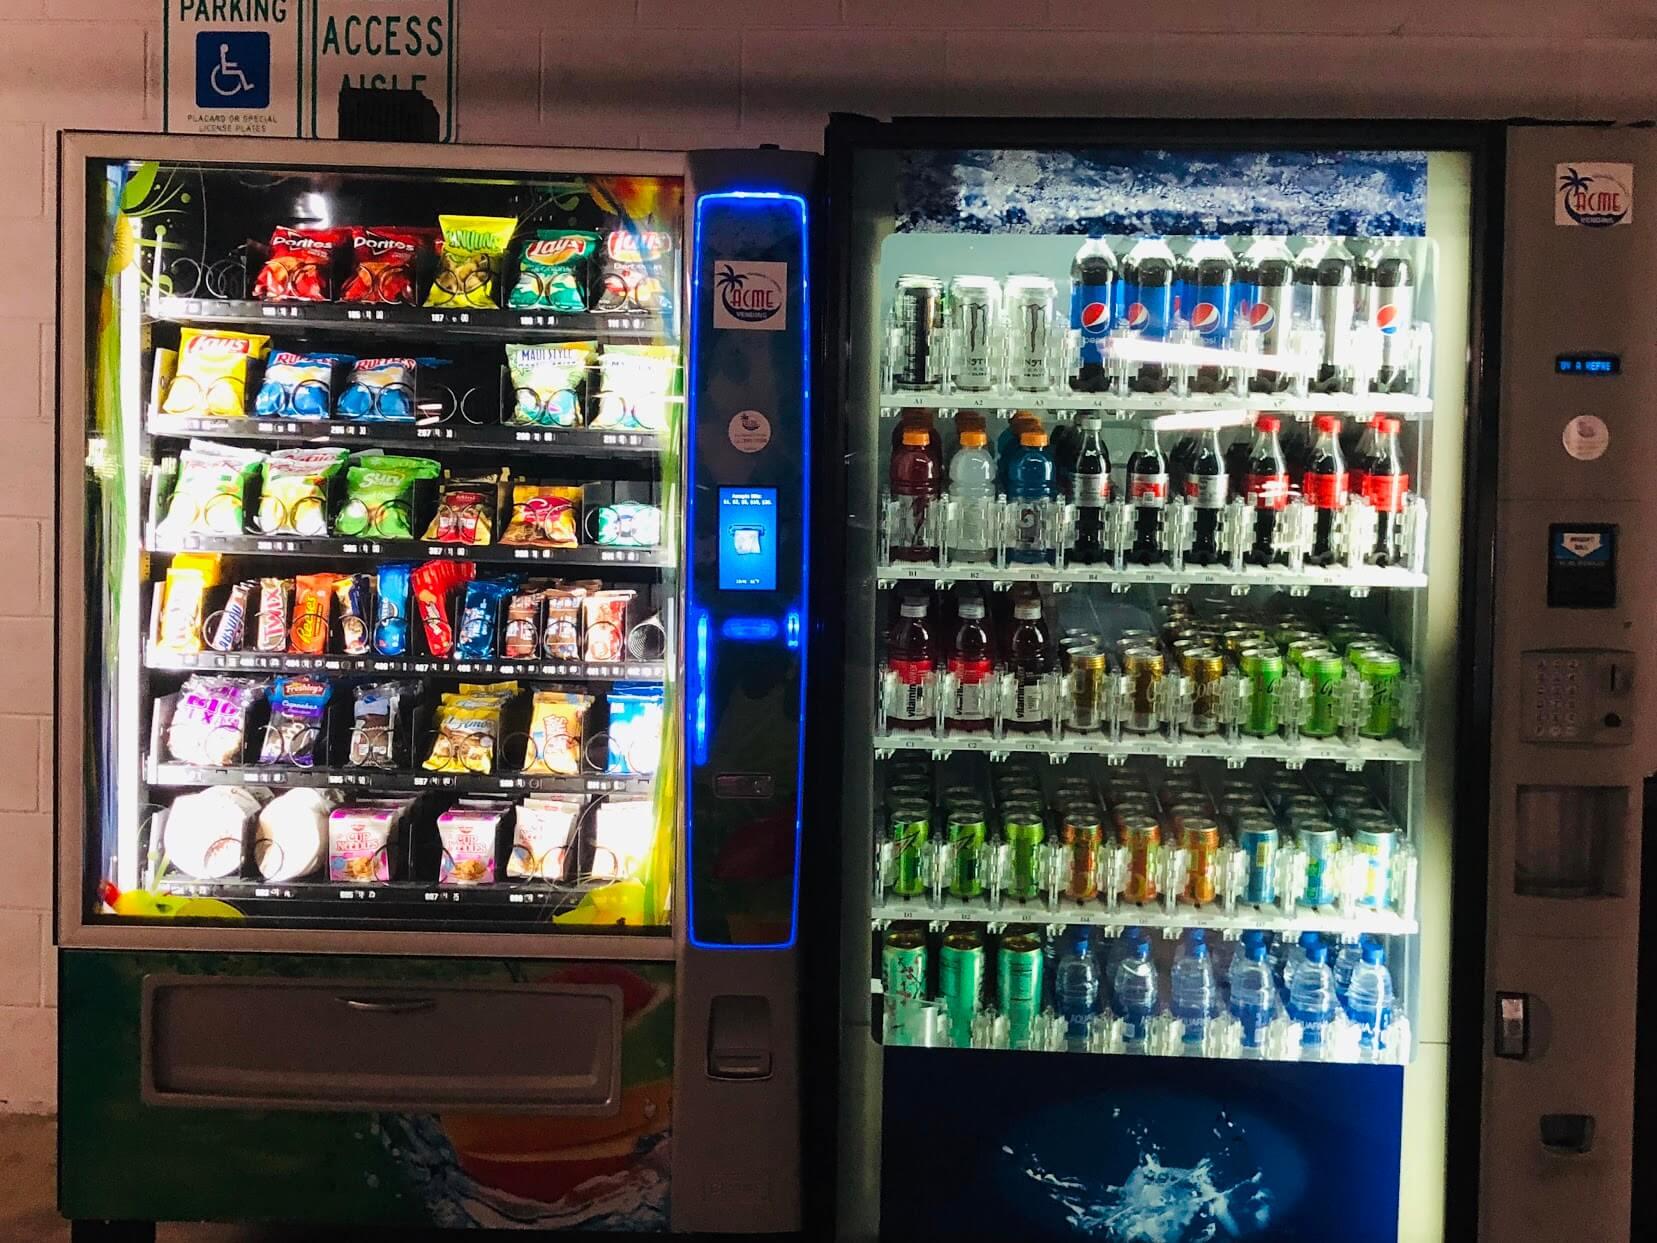 Hokuaの自販機